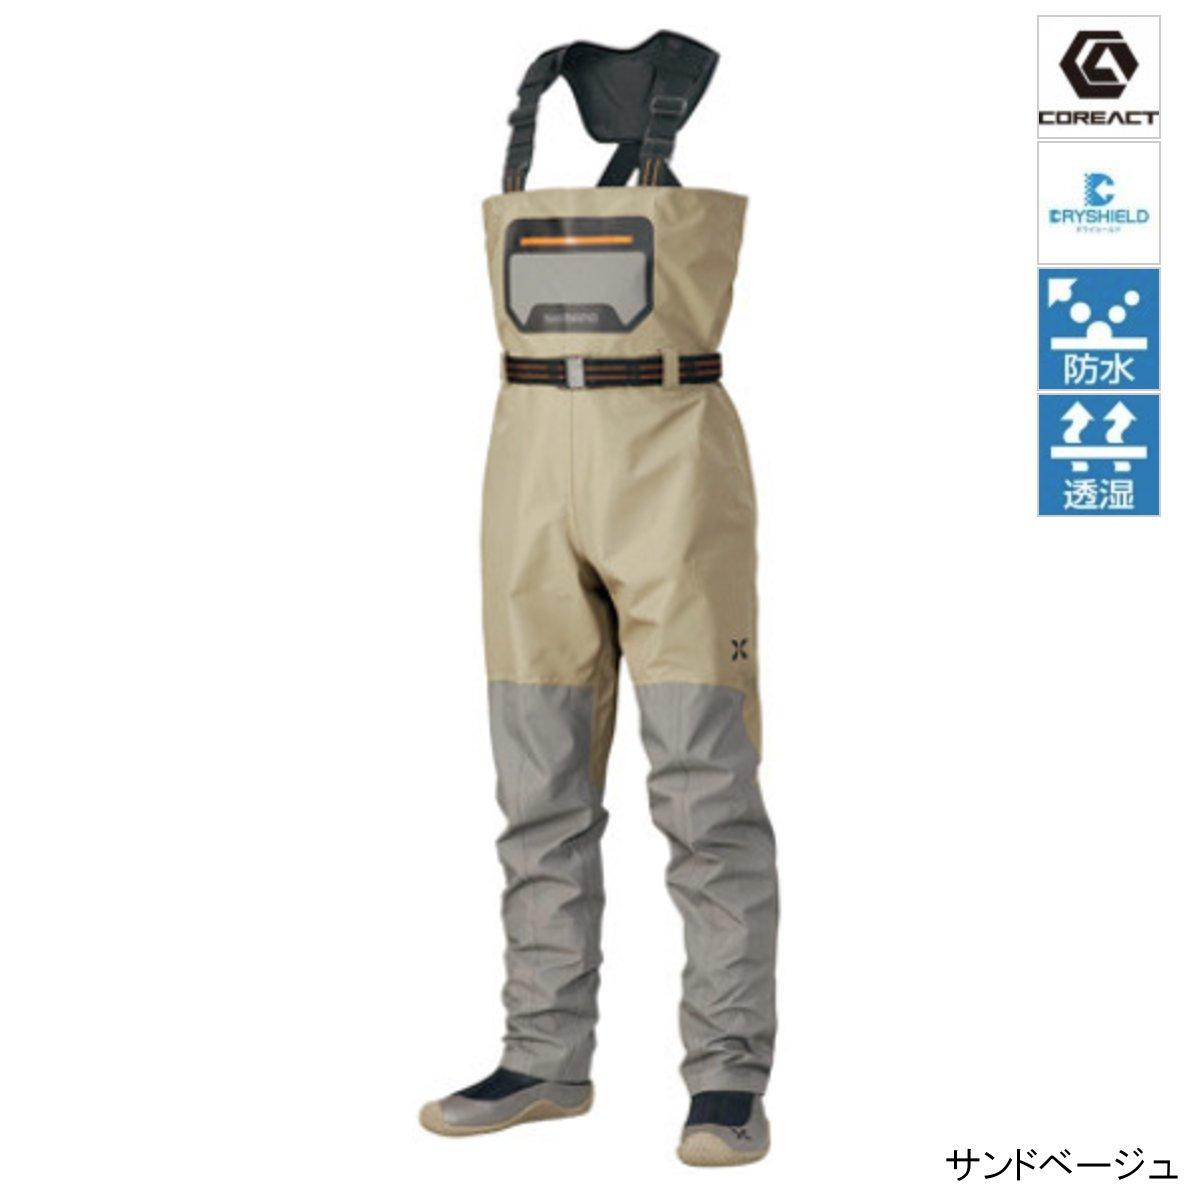 シマノ XEFO・サーフトリッパー ウェーダー WA-221R M サンドベージュ【送料無料】